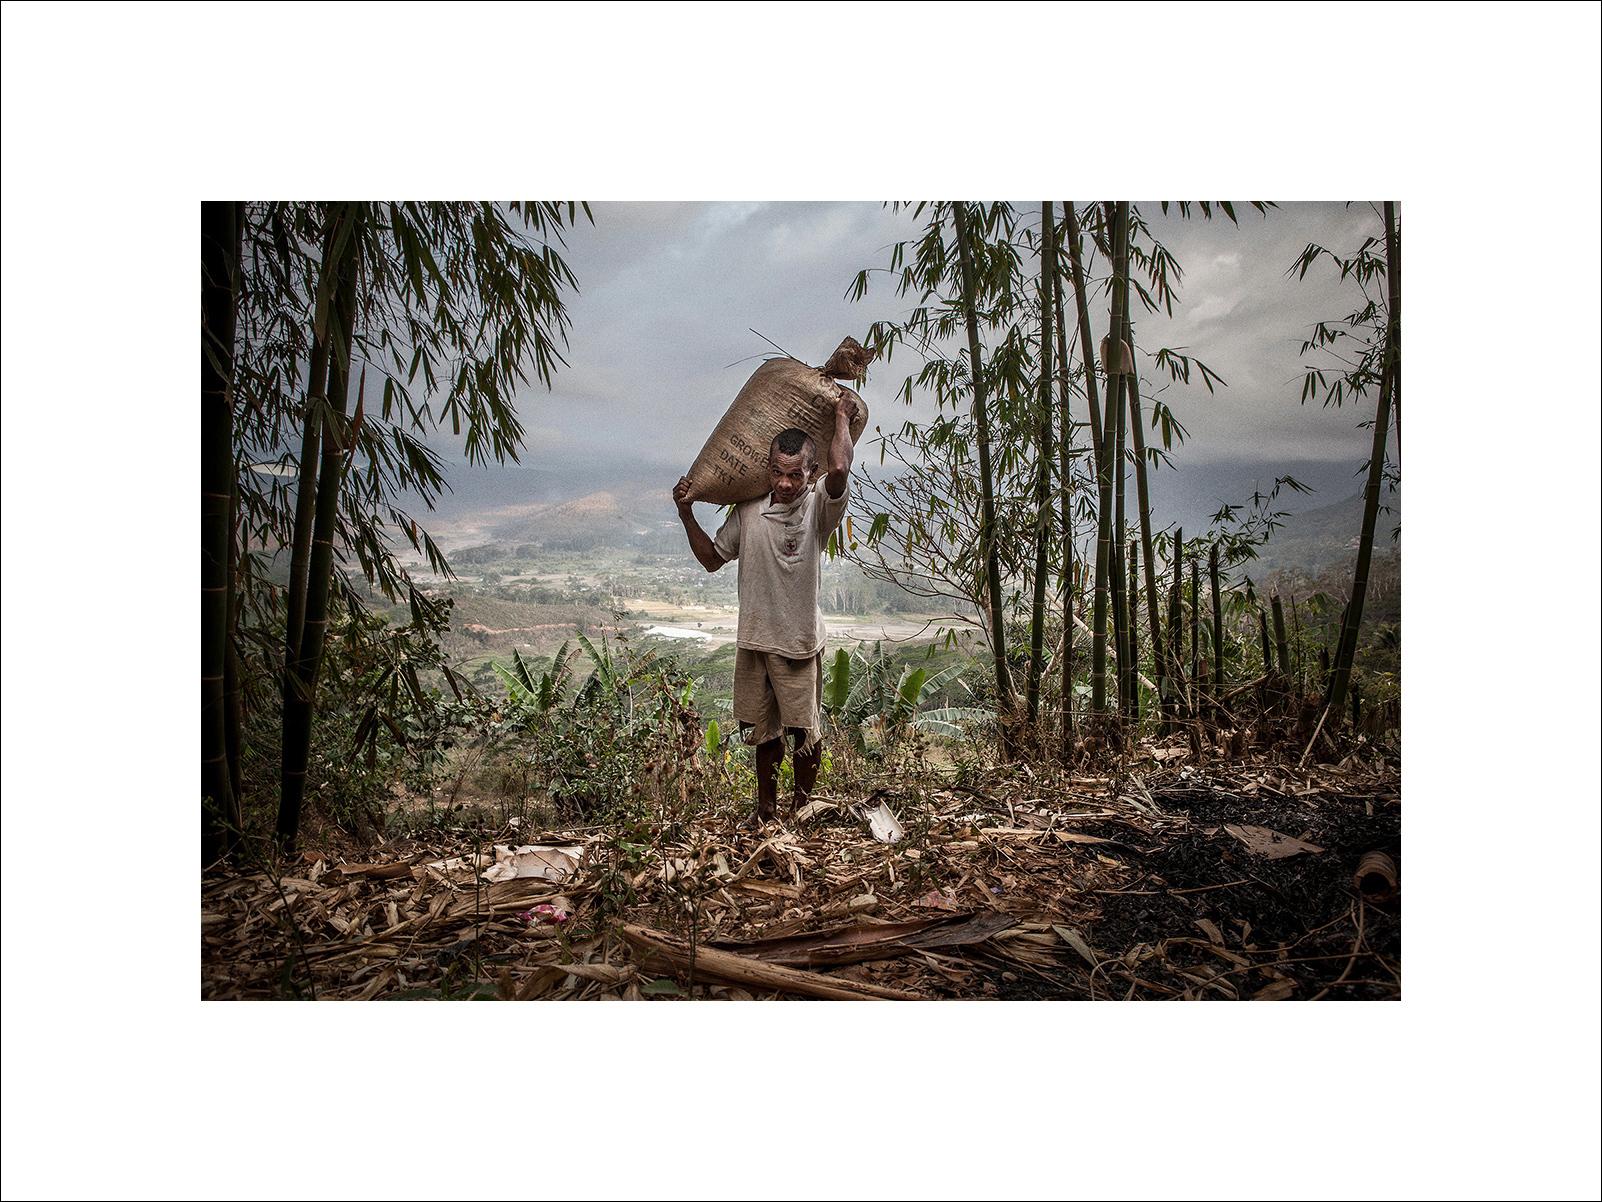 East_Timor_Cedric_0007-21